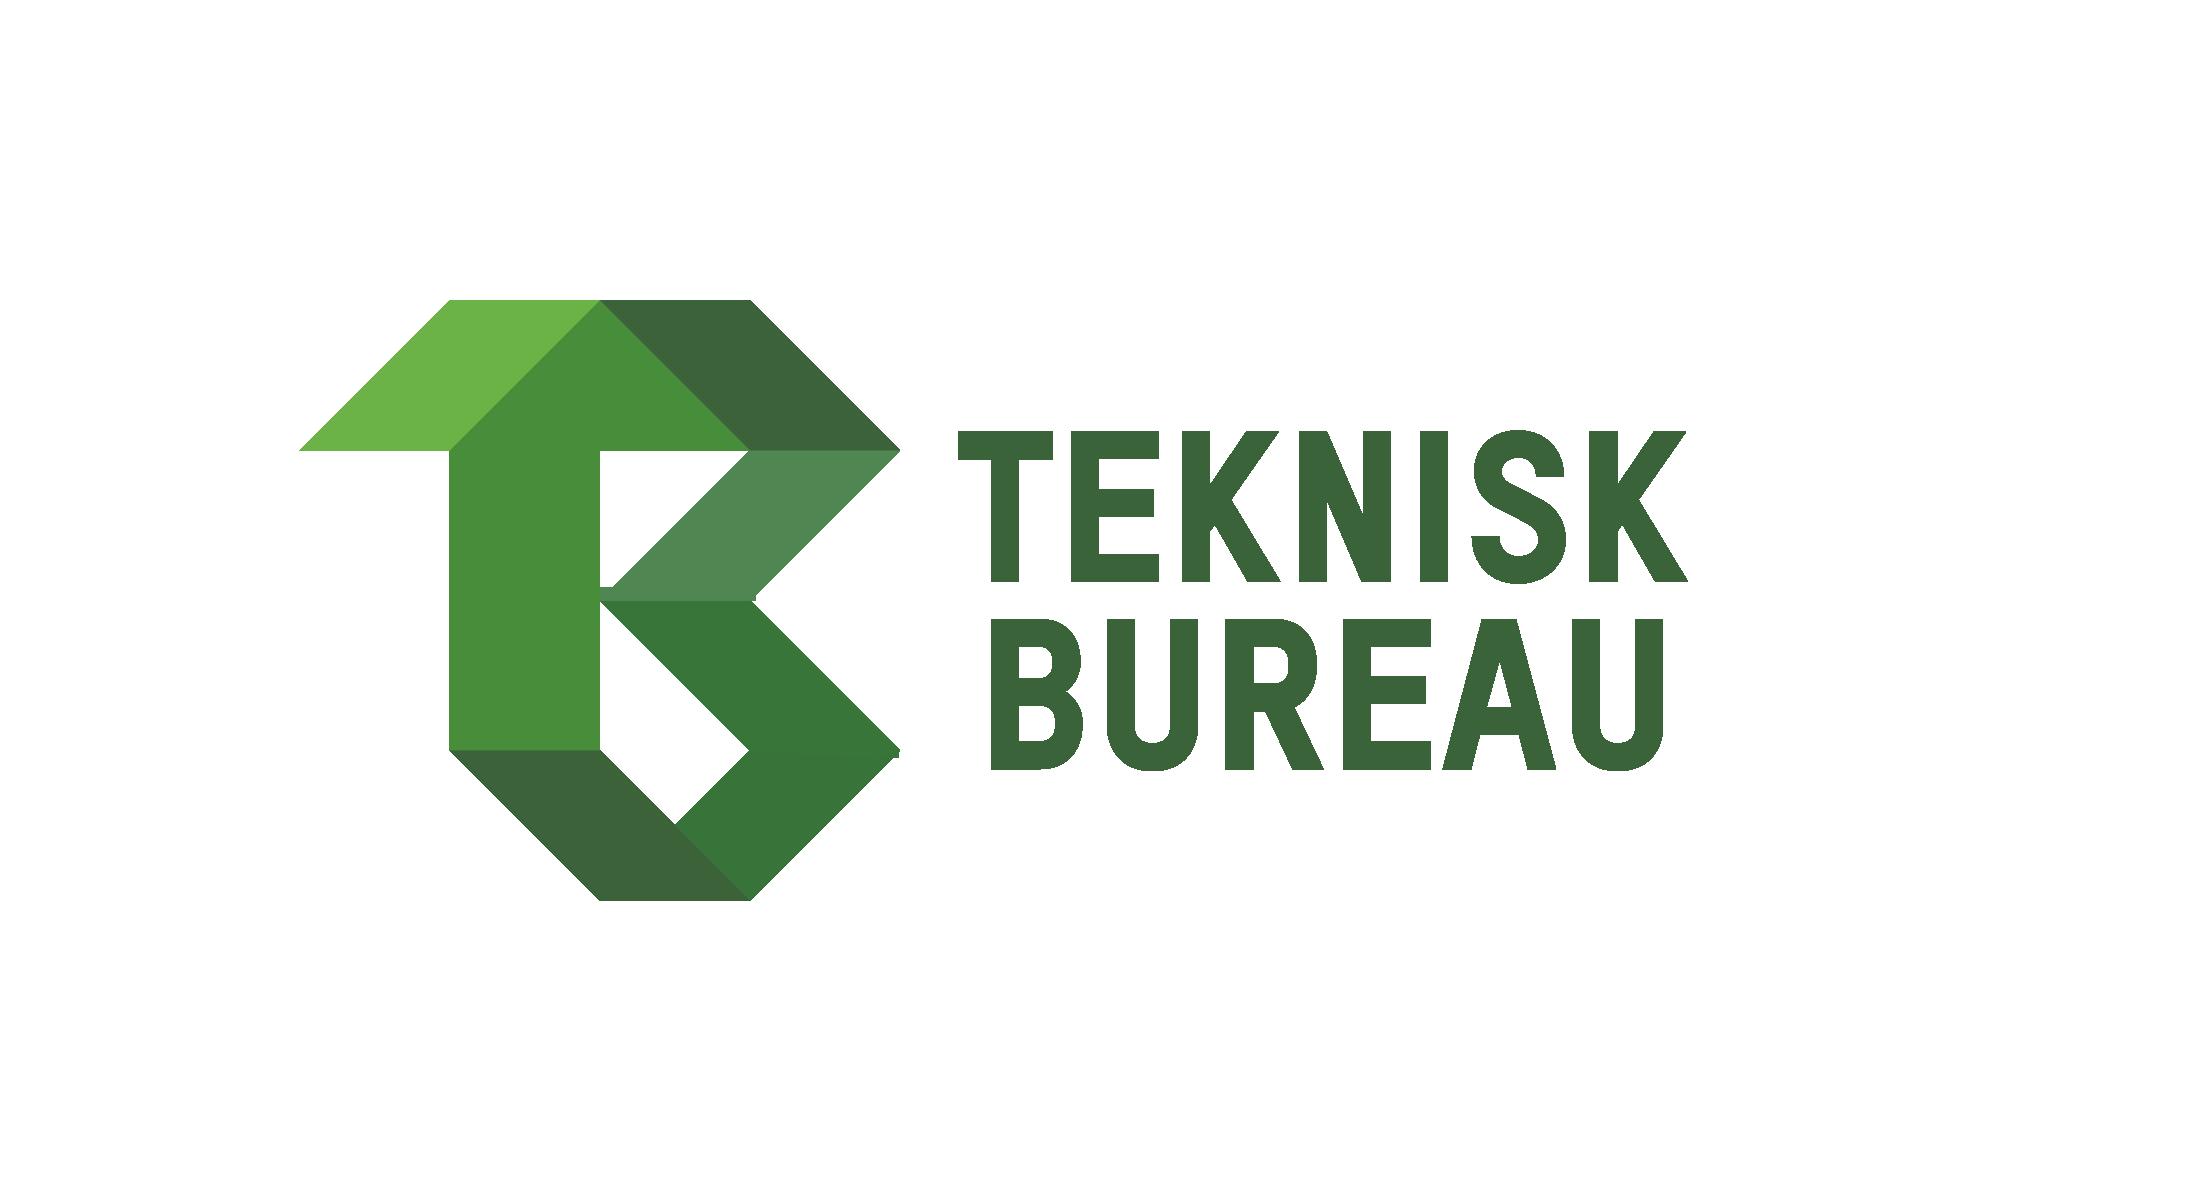 Teknisk Bureau Bergen